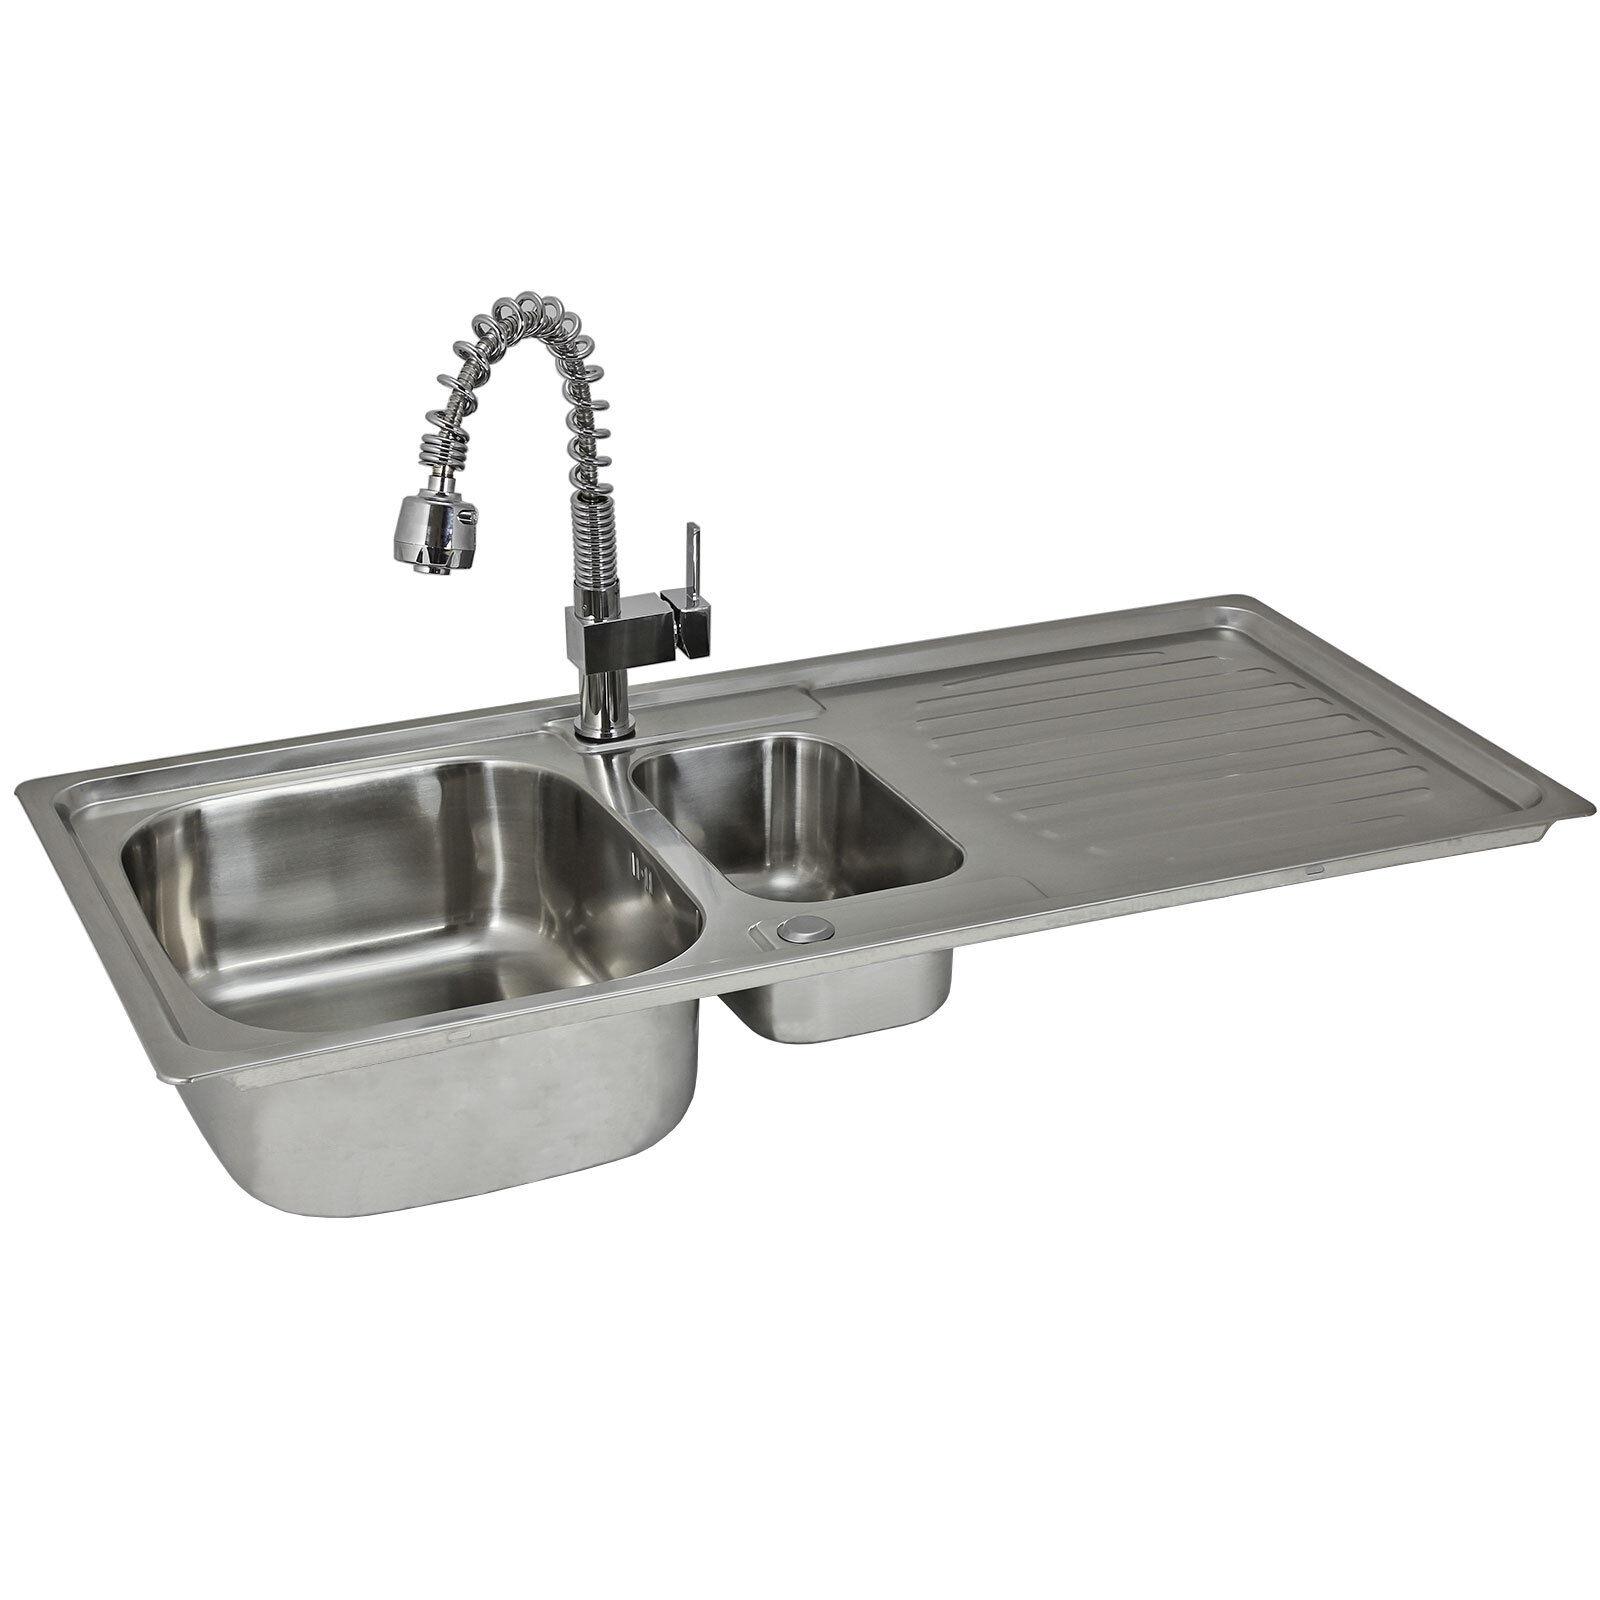 1,5-Becken Küchenspüle Einbauspüle Spülbecken mit Armatur aus Edelstahl